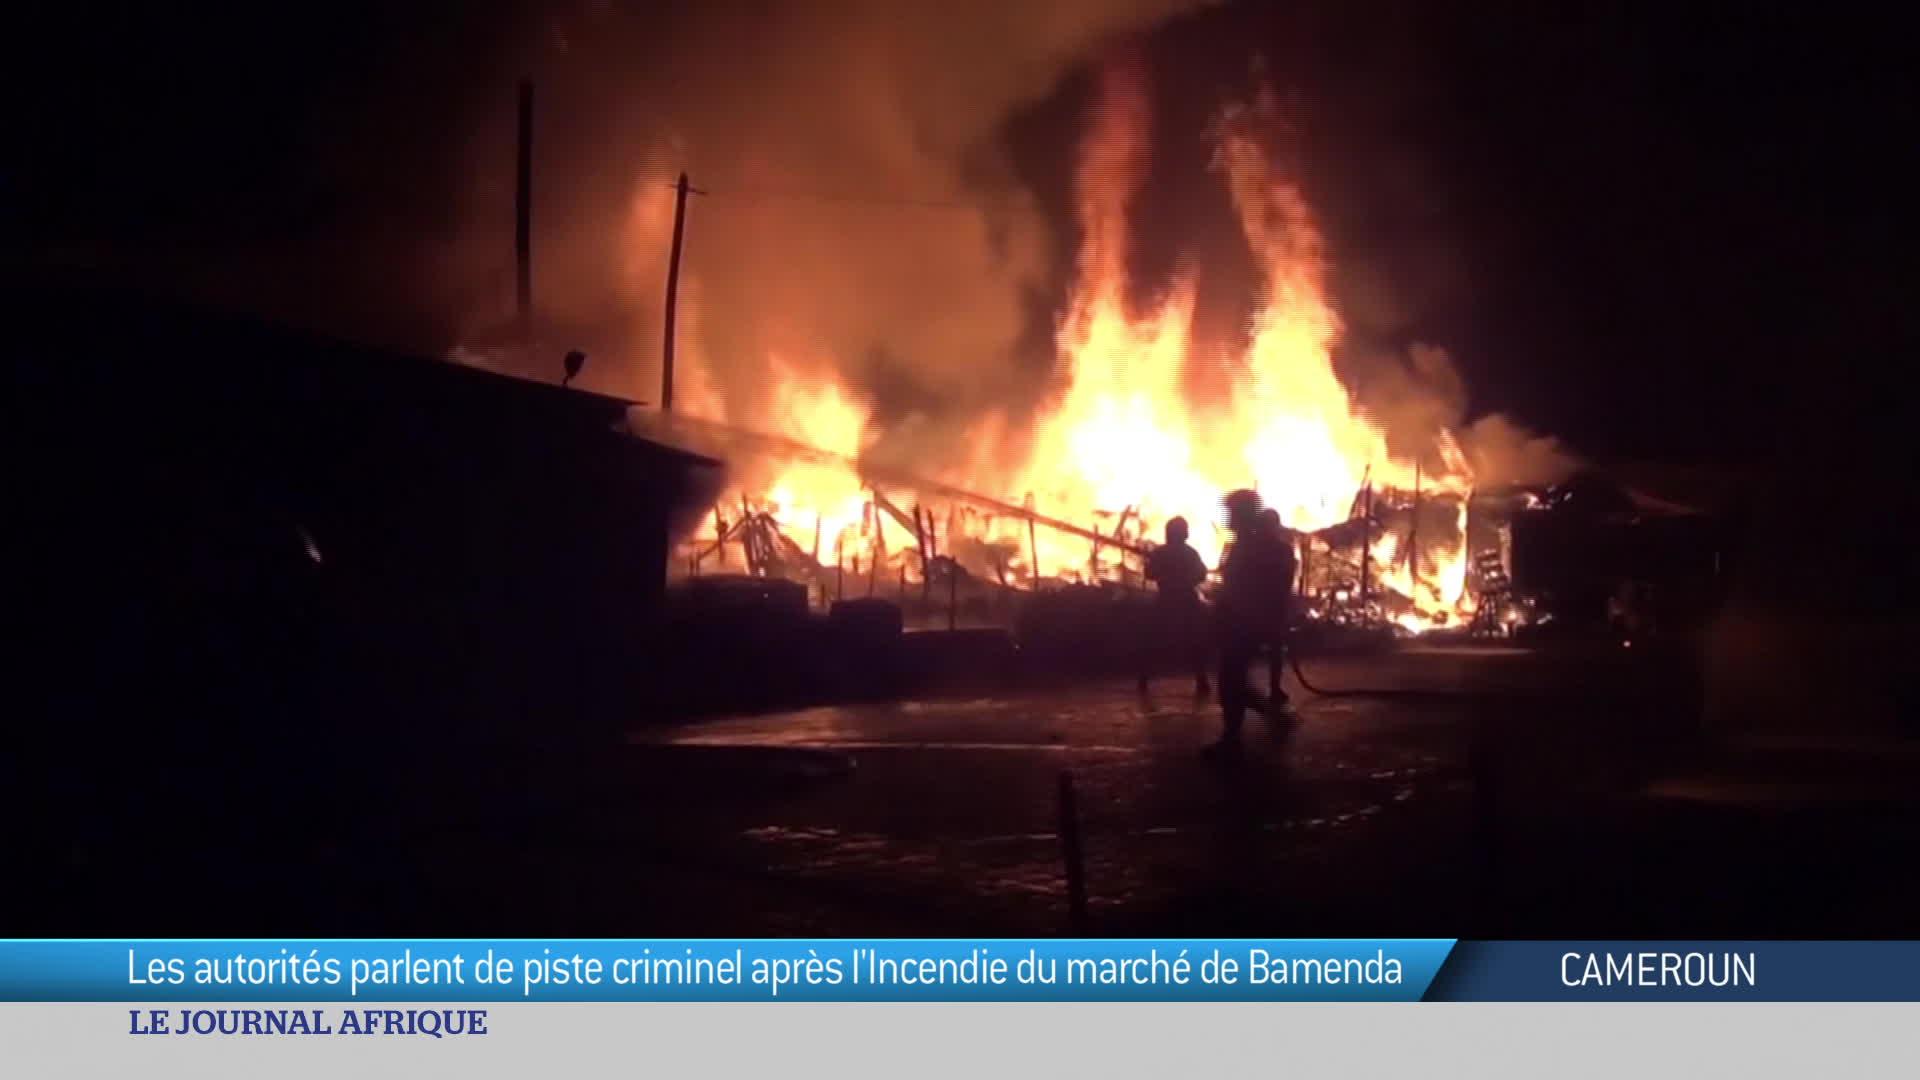 Cameroun : le marché de Bamenda ravagé par un incendie